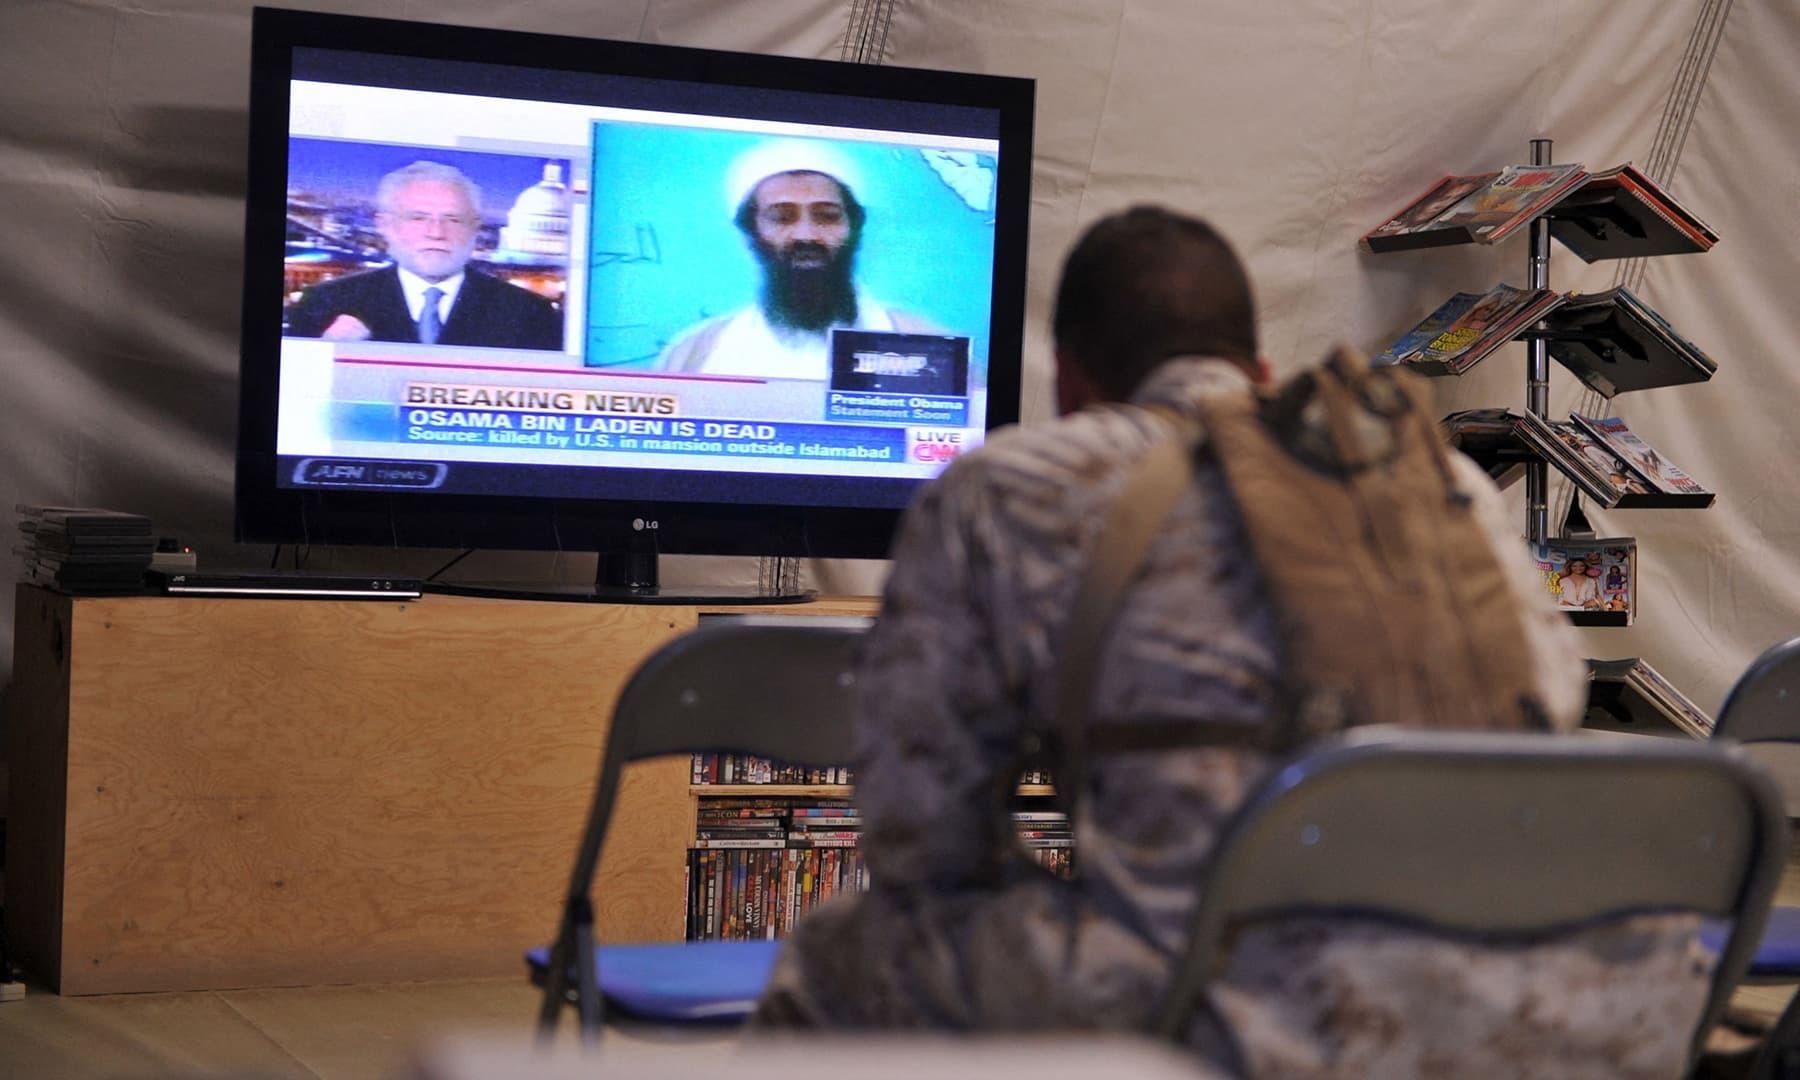 2 مئی 2011 کو امریکی فوج القاعدہ کے سربراہ اسامہ بن لادن کی موت کی خبر ٹی وی پر دیکھ رہےہیں—فائل/فوٹو: اے ایف پی